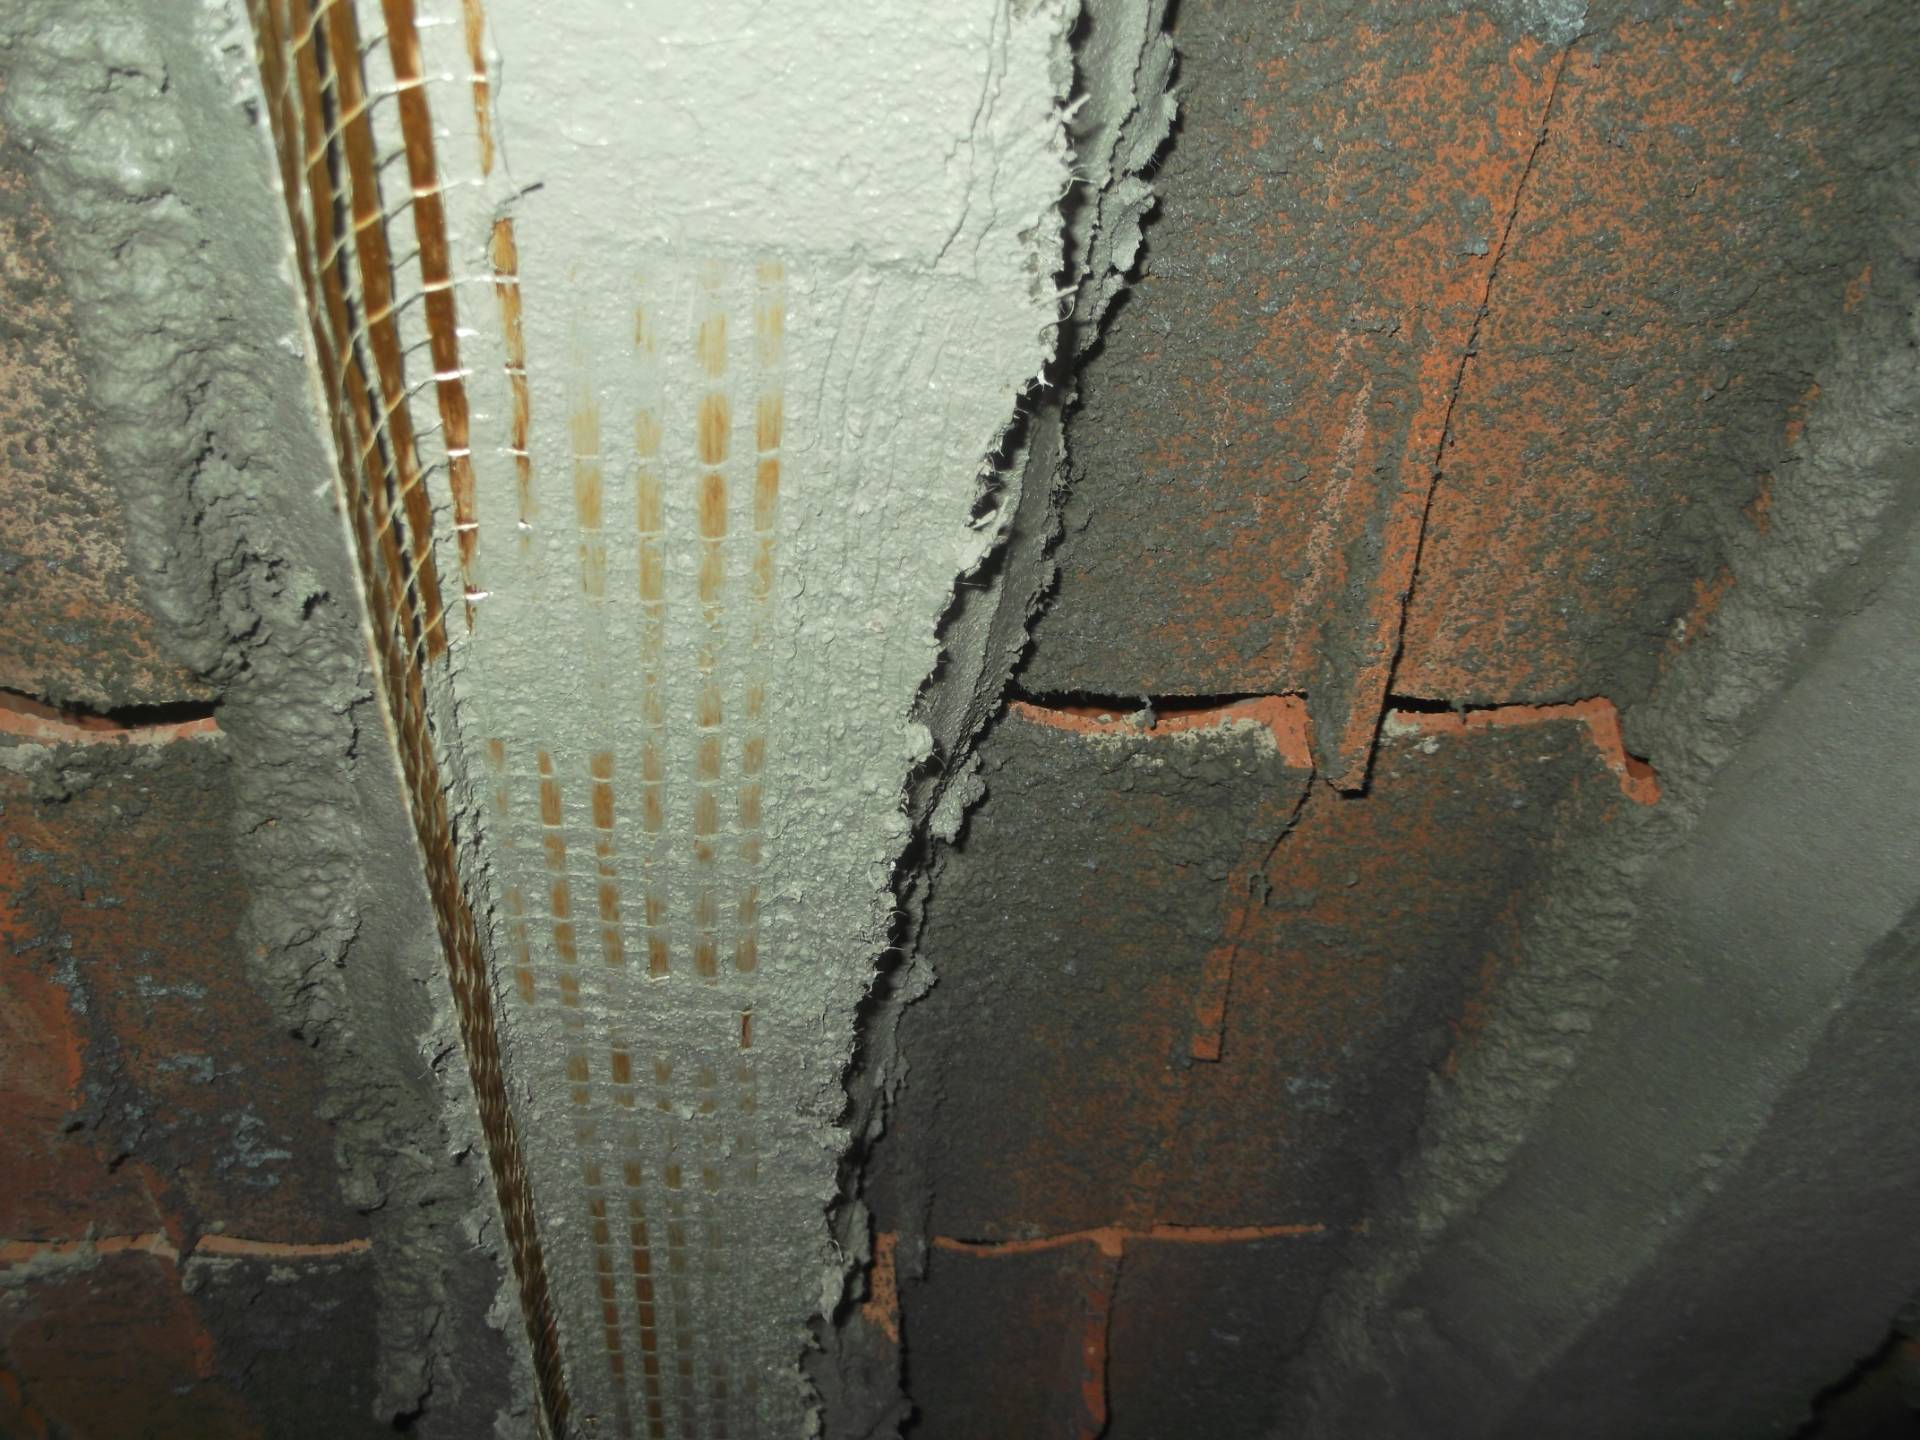 Particolare dei travetti di un solaio sfondellato, in fase di ricostruzione e consolidamento con fibre in PBO - ITON SRL